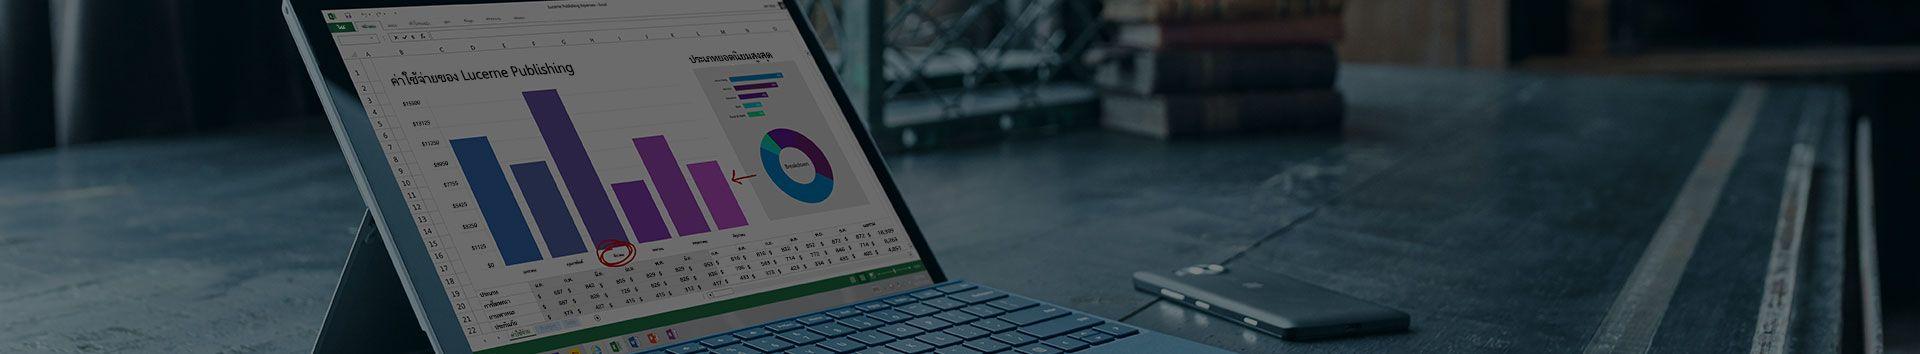 แท็บเล็ต Microsoft Surface แสดงรูปรายงานรายจ่ายใน Microsoft Excel